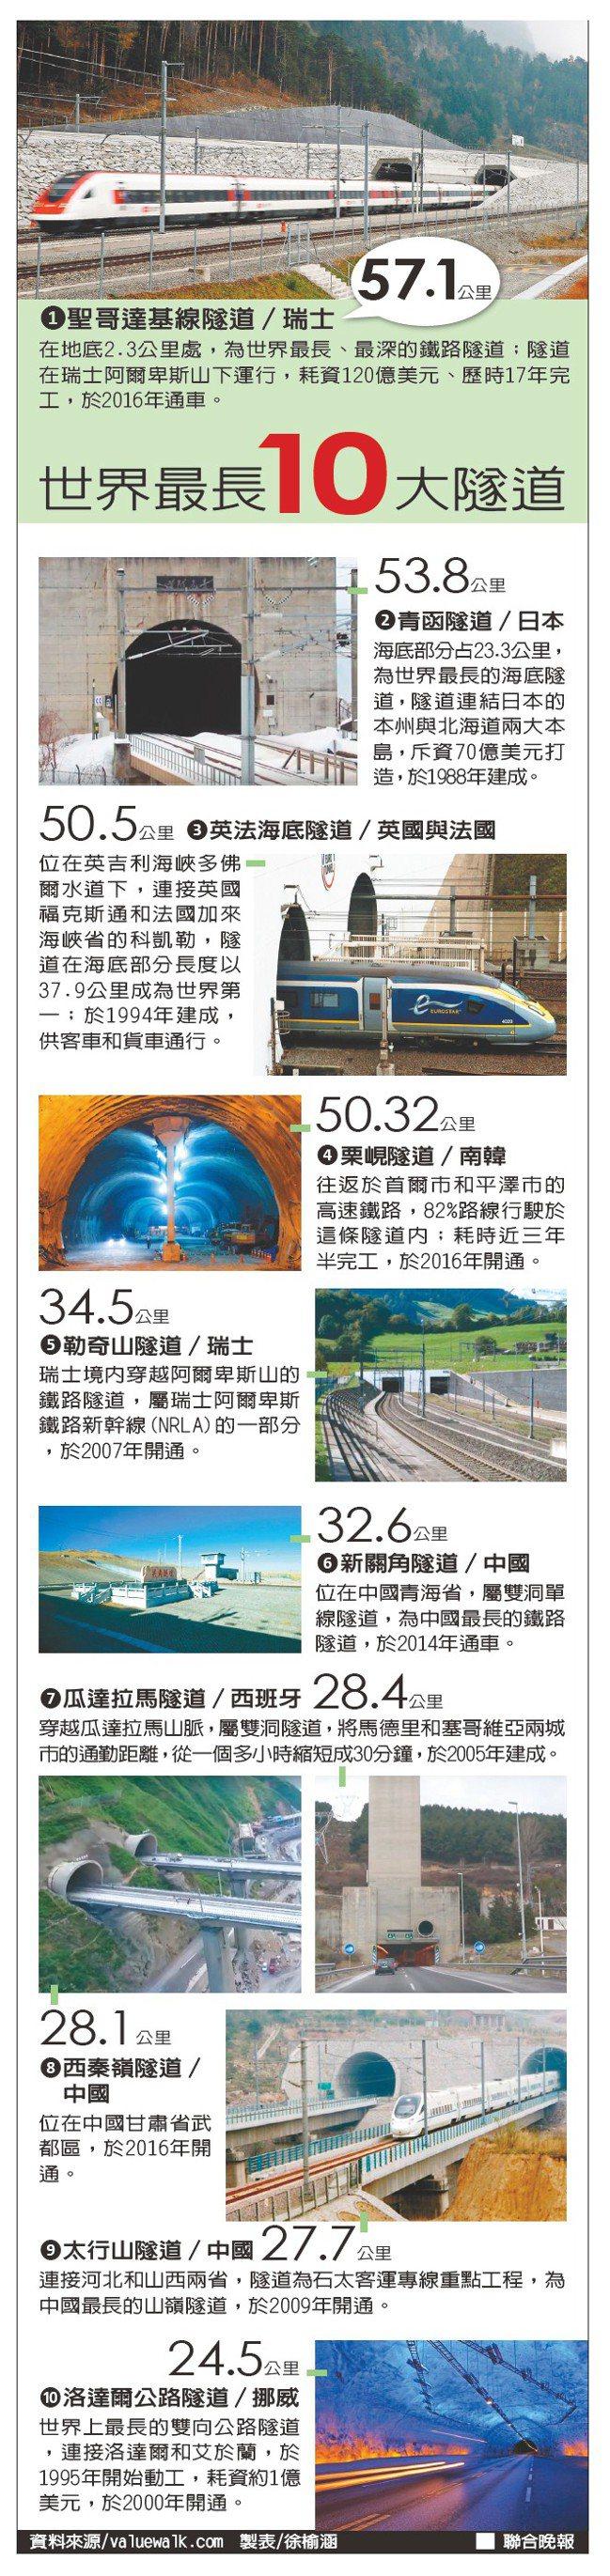 世界最長10大隧道資料來源/valuewalk.com 製表/徐榆涵